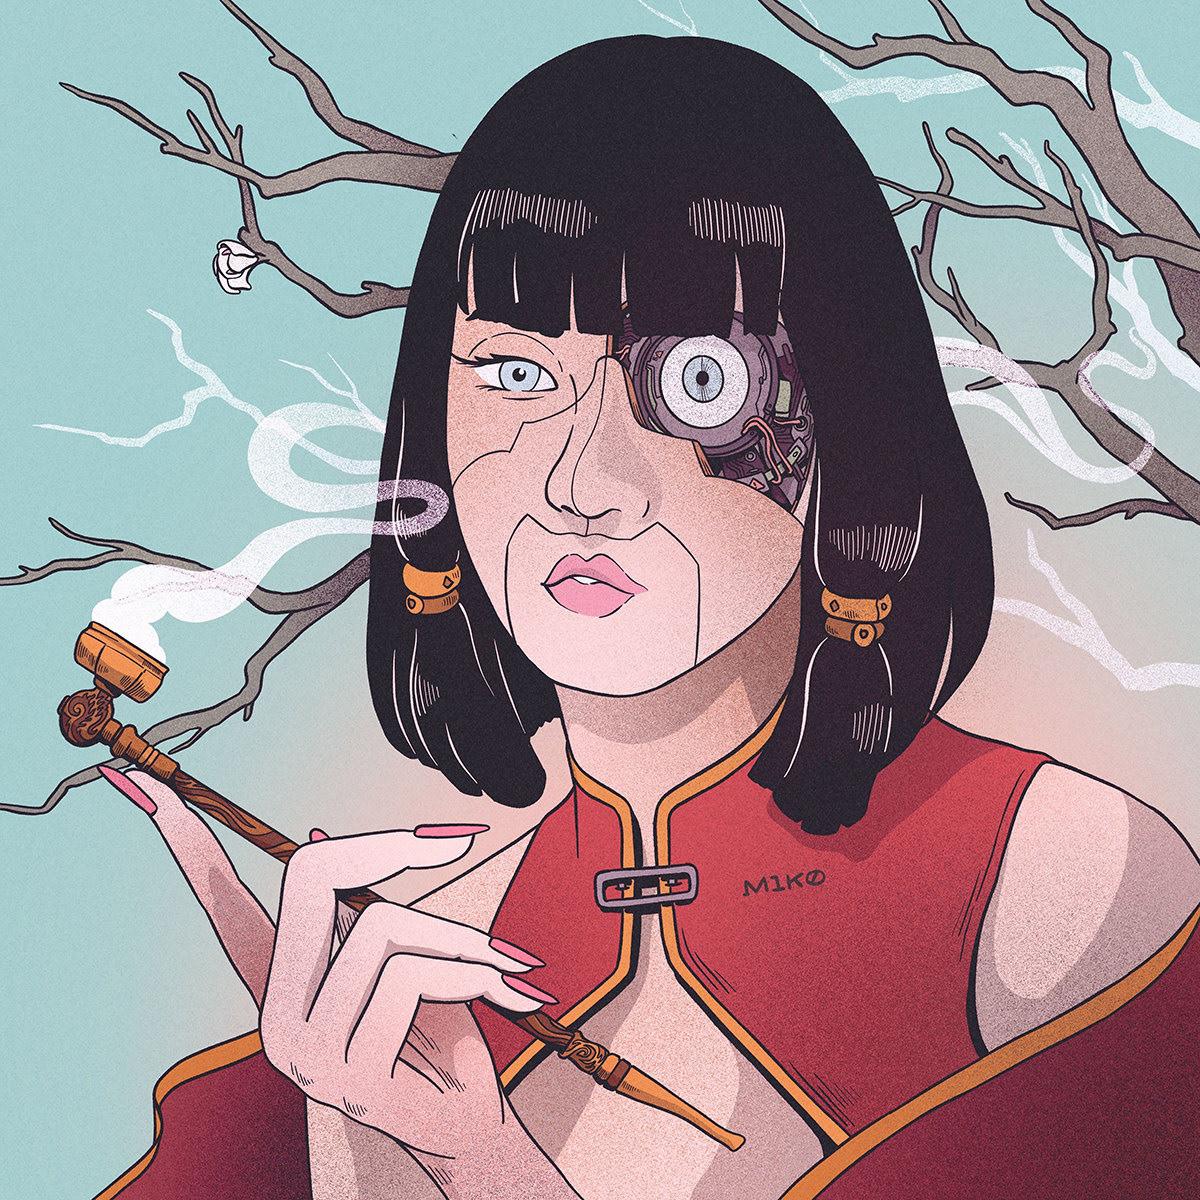 animation  artwork challenge Character Digital Art  Drawing  dtiys girl instagram portrait